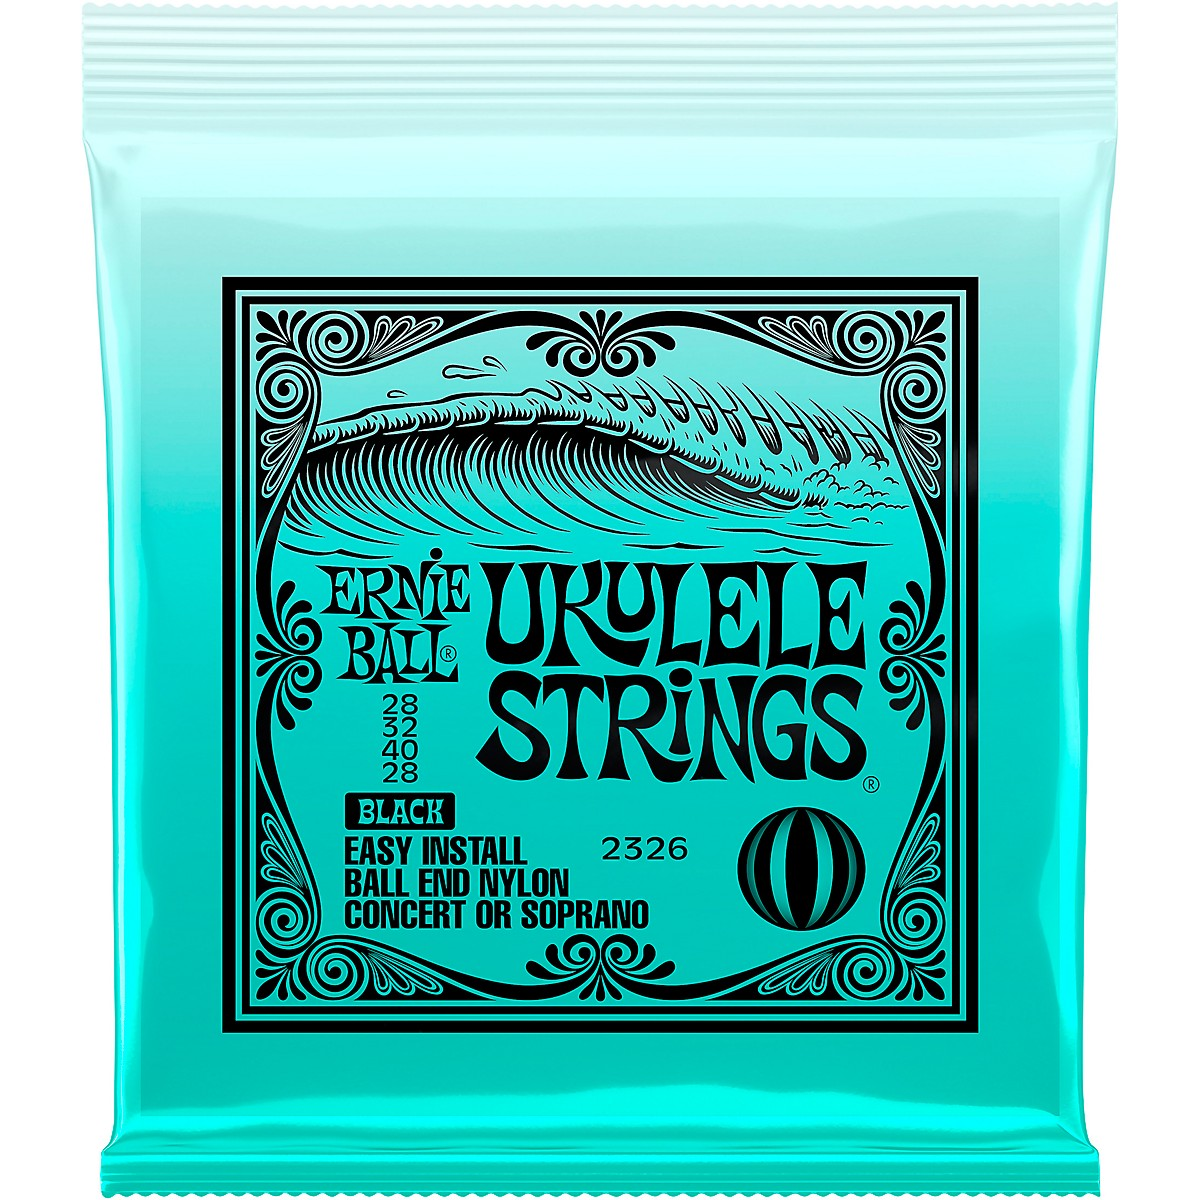 Ernie Ball Concert/Soprano Nylon Ball-End Ukulele Strings - Black